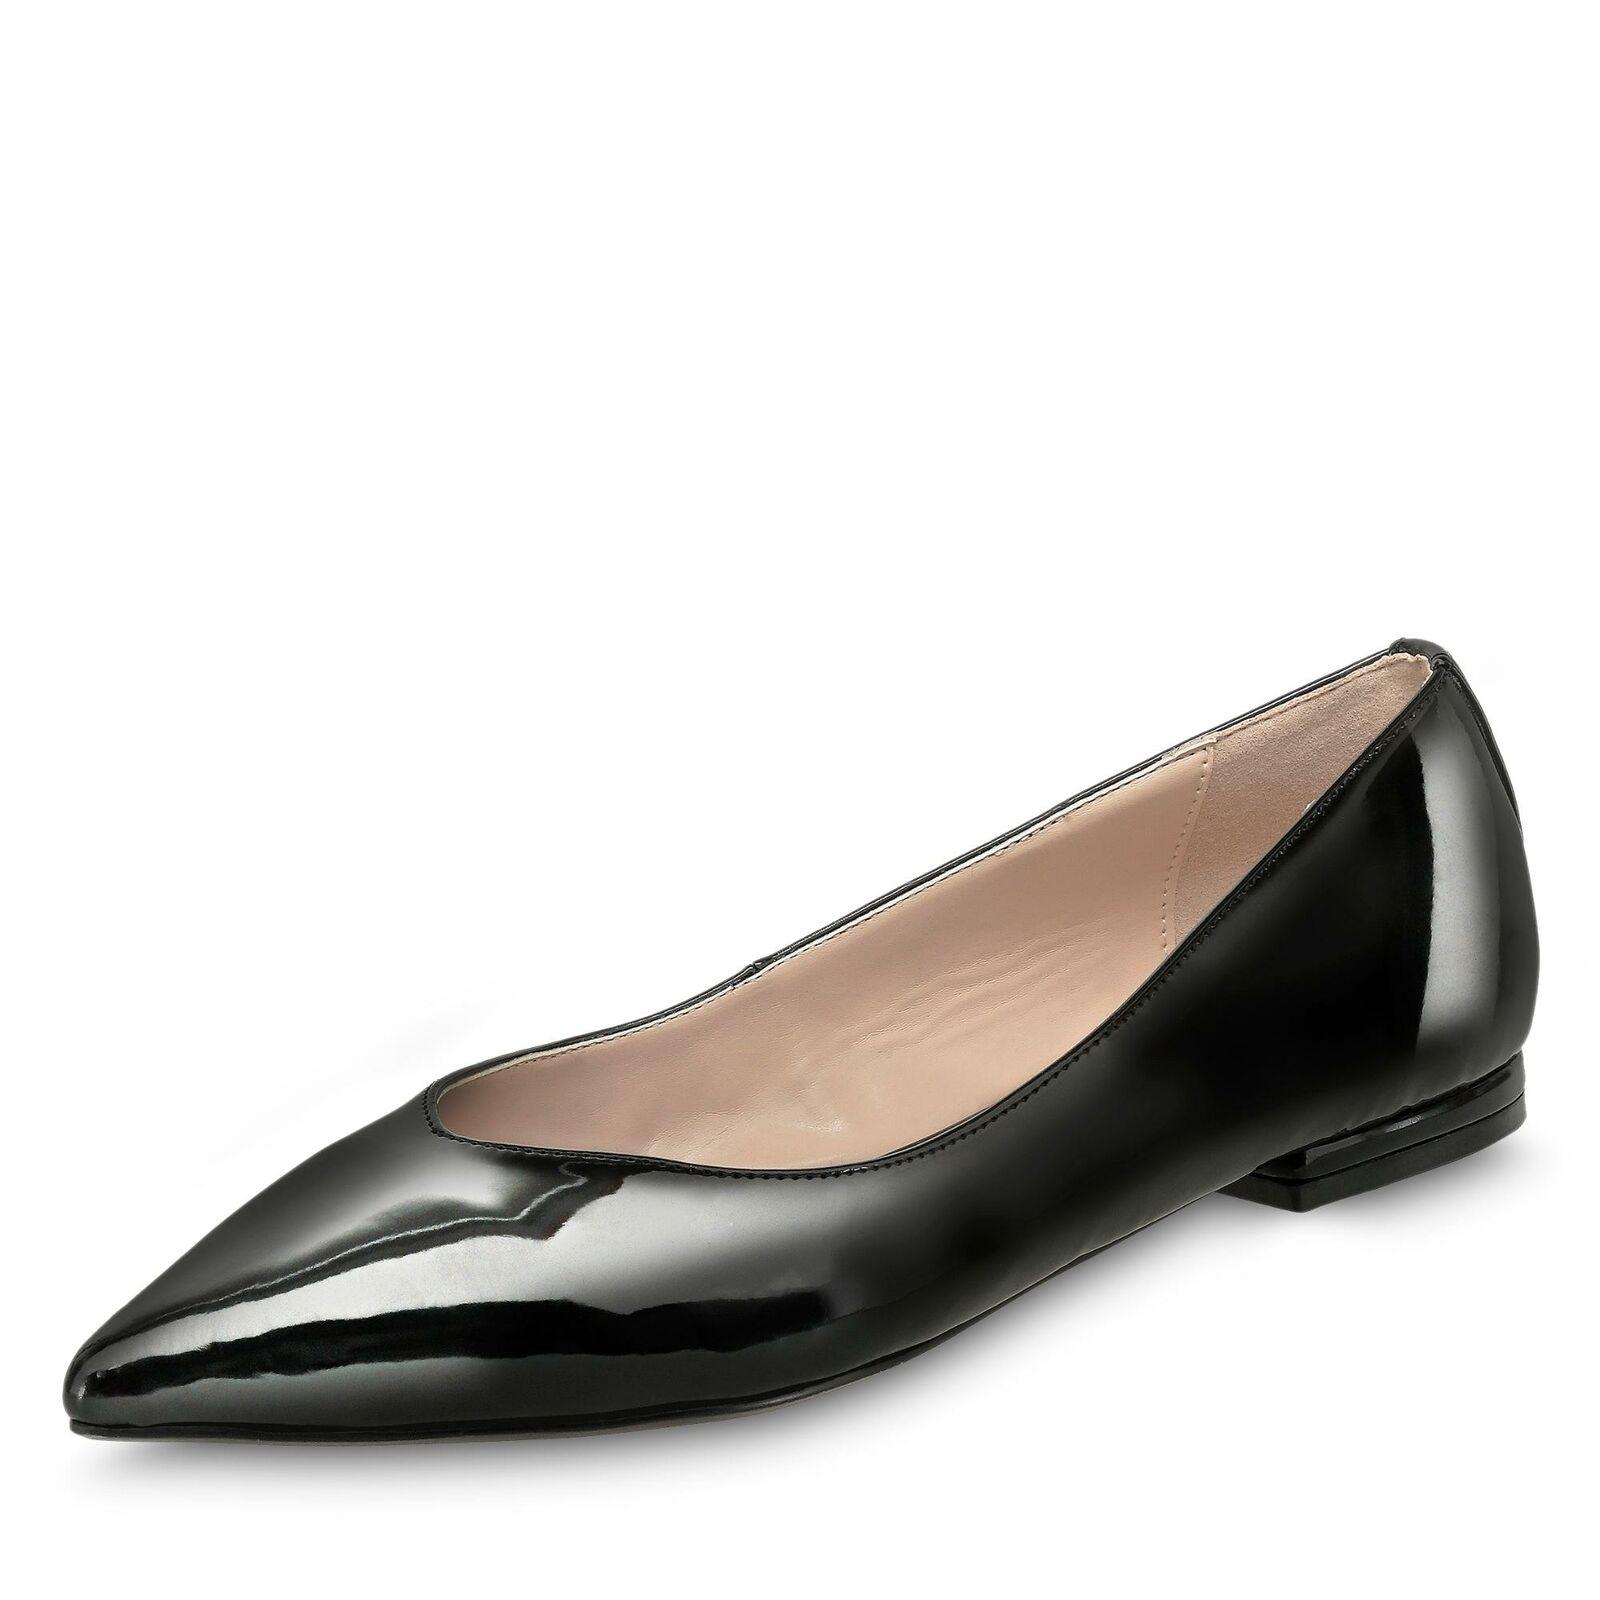 Buffalo Damen Ballerina Schlupfschuhe klassisch Lackschuhe Schuhe schwarz